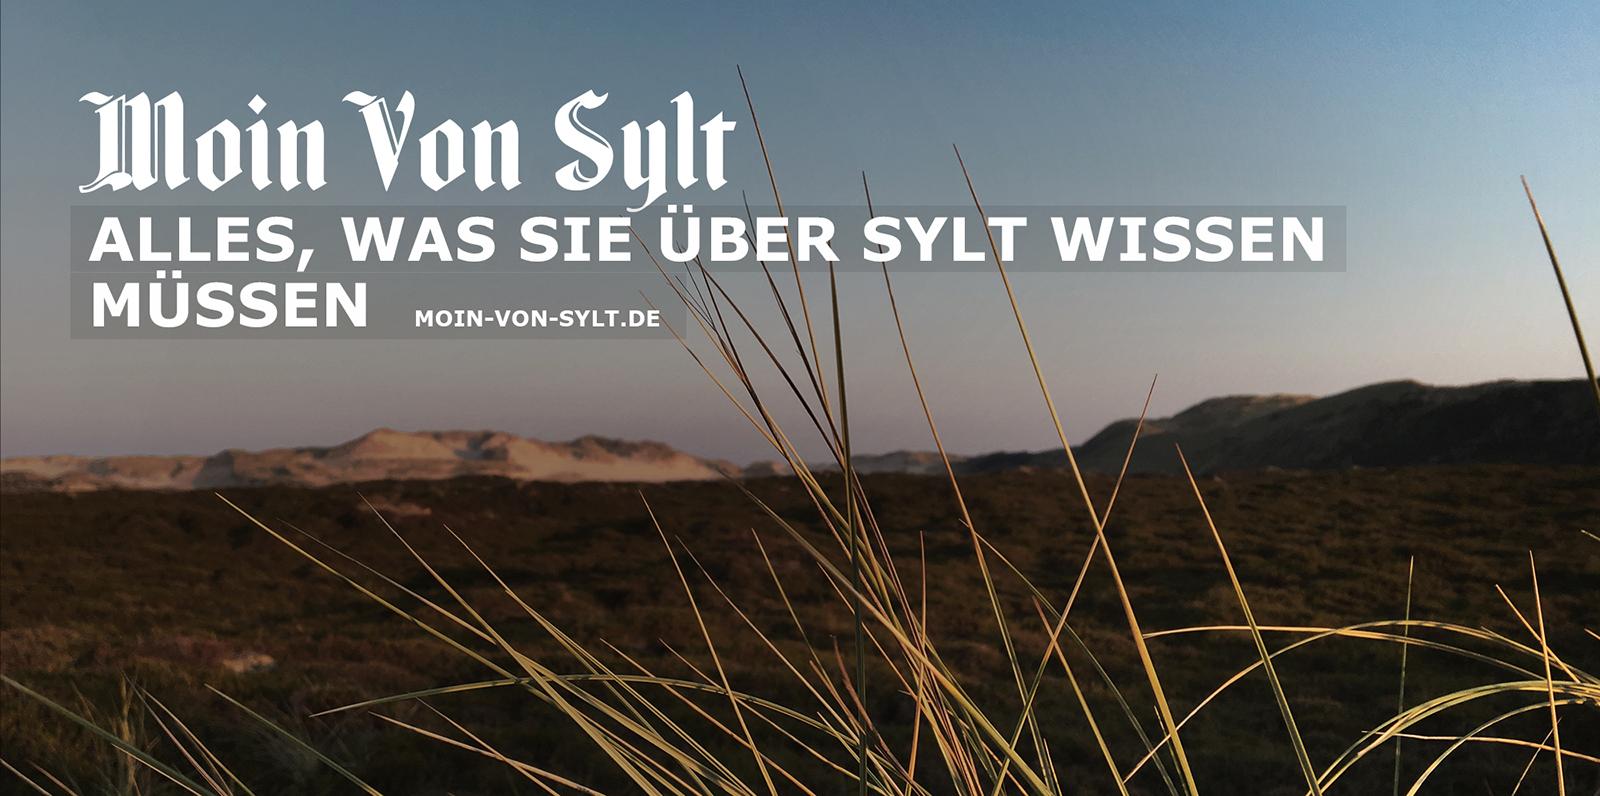 Moin von Sylt, alles, was Sie über sylt wissen müssen